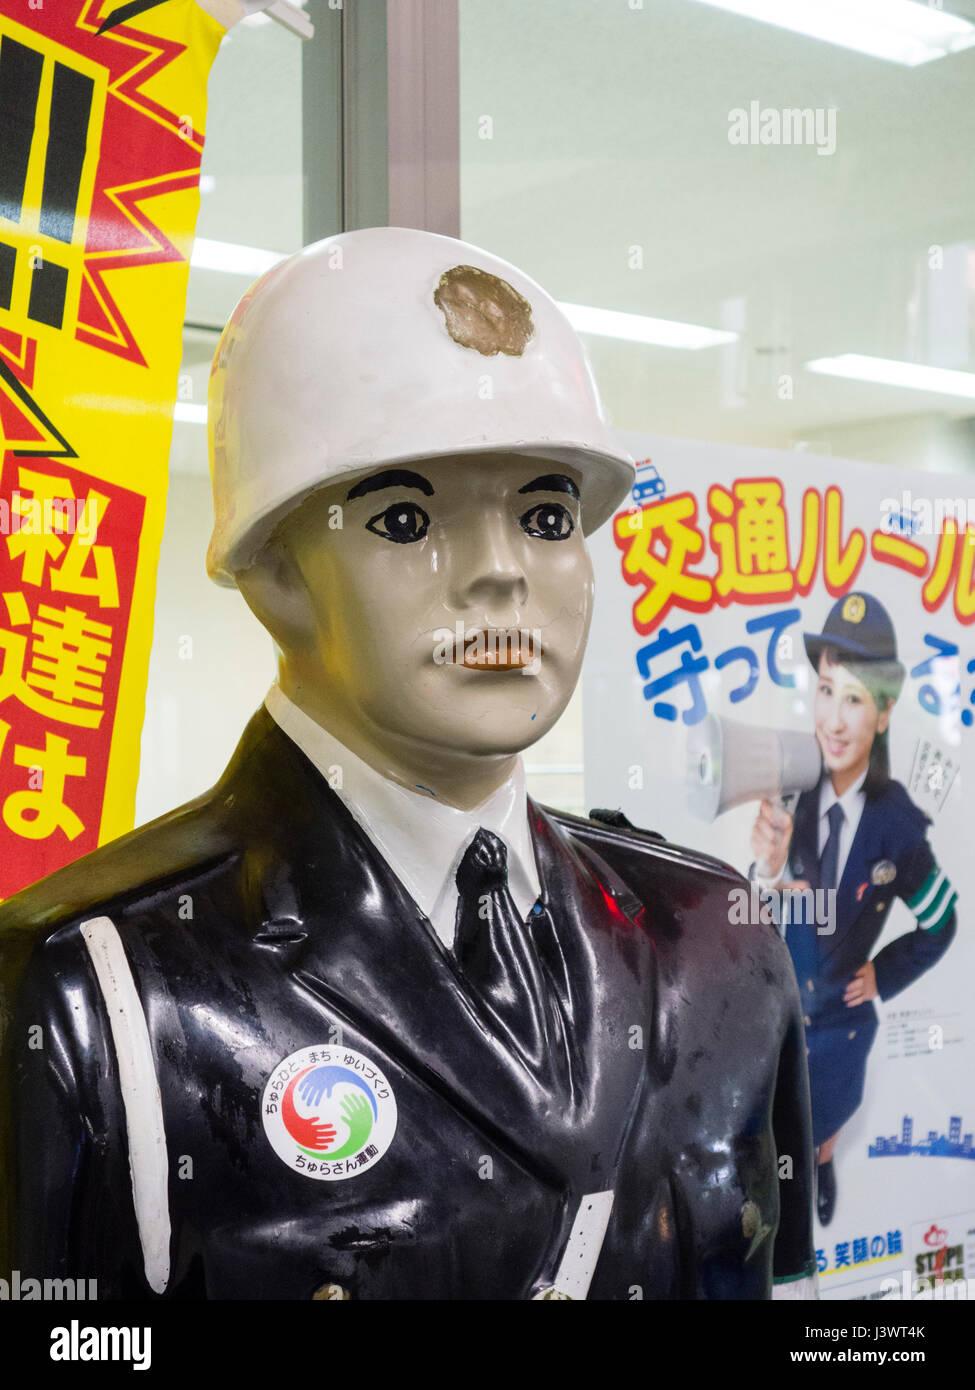 Mamoru-kun, mascot of Okinawa police, in Miyakojima - Stock Image